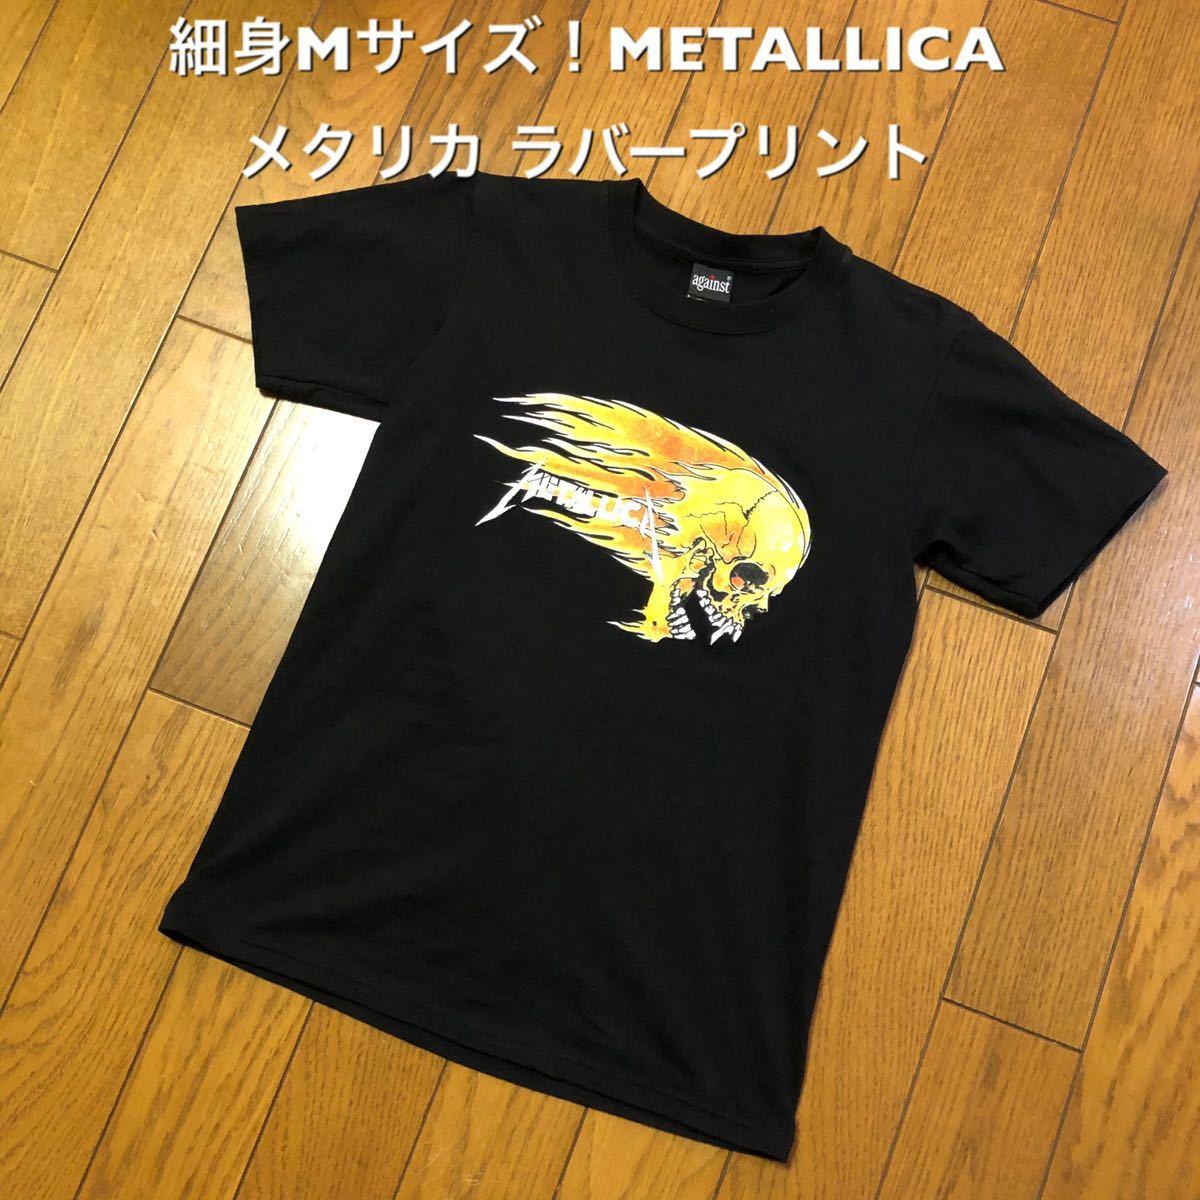 送料無料!細身Mサイズ!METALLICA メタリカ 古着半袖Tシャツ 黒 ラバープリント againstボディ ロックTバンドT